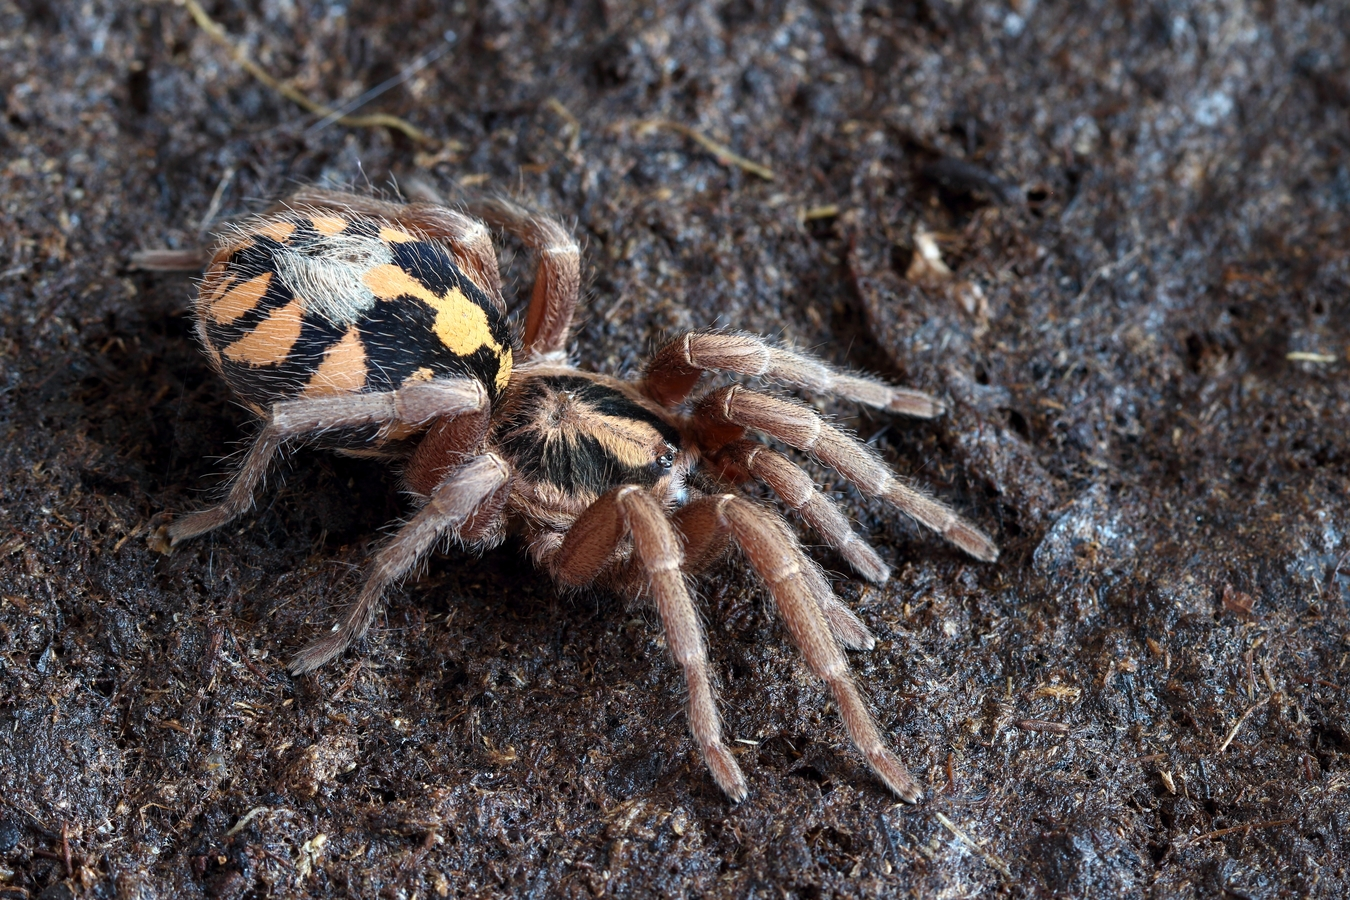 Colombian tarantula